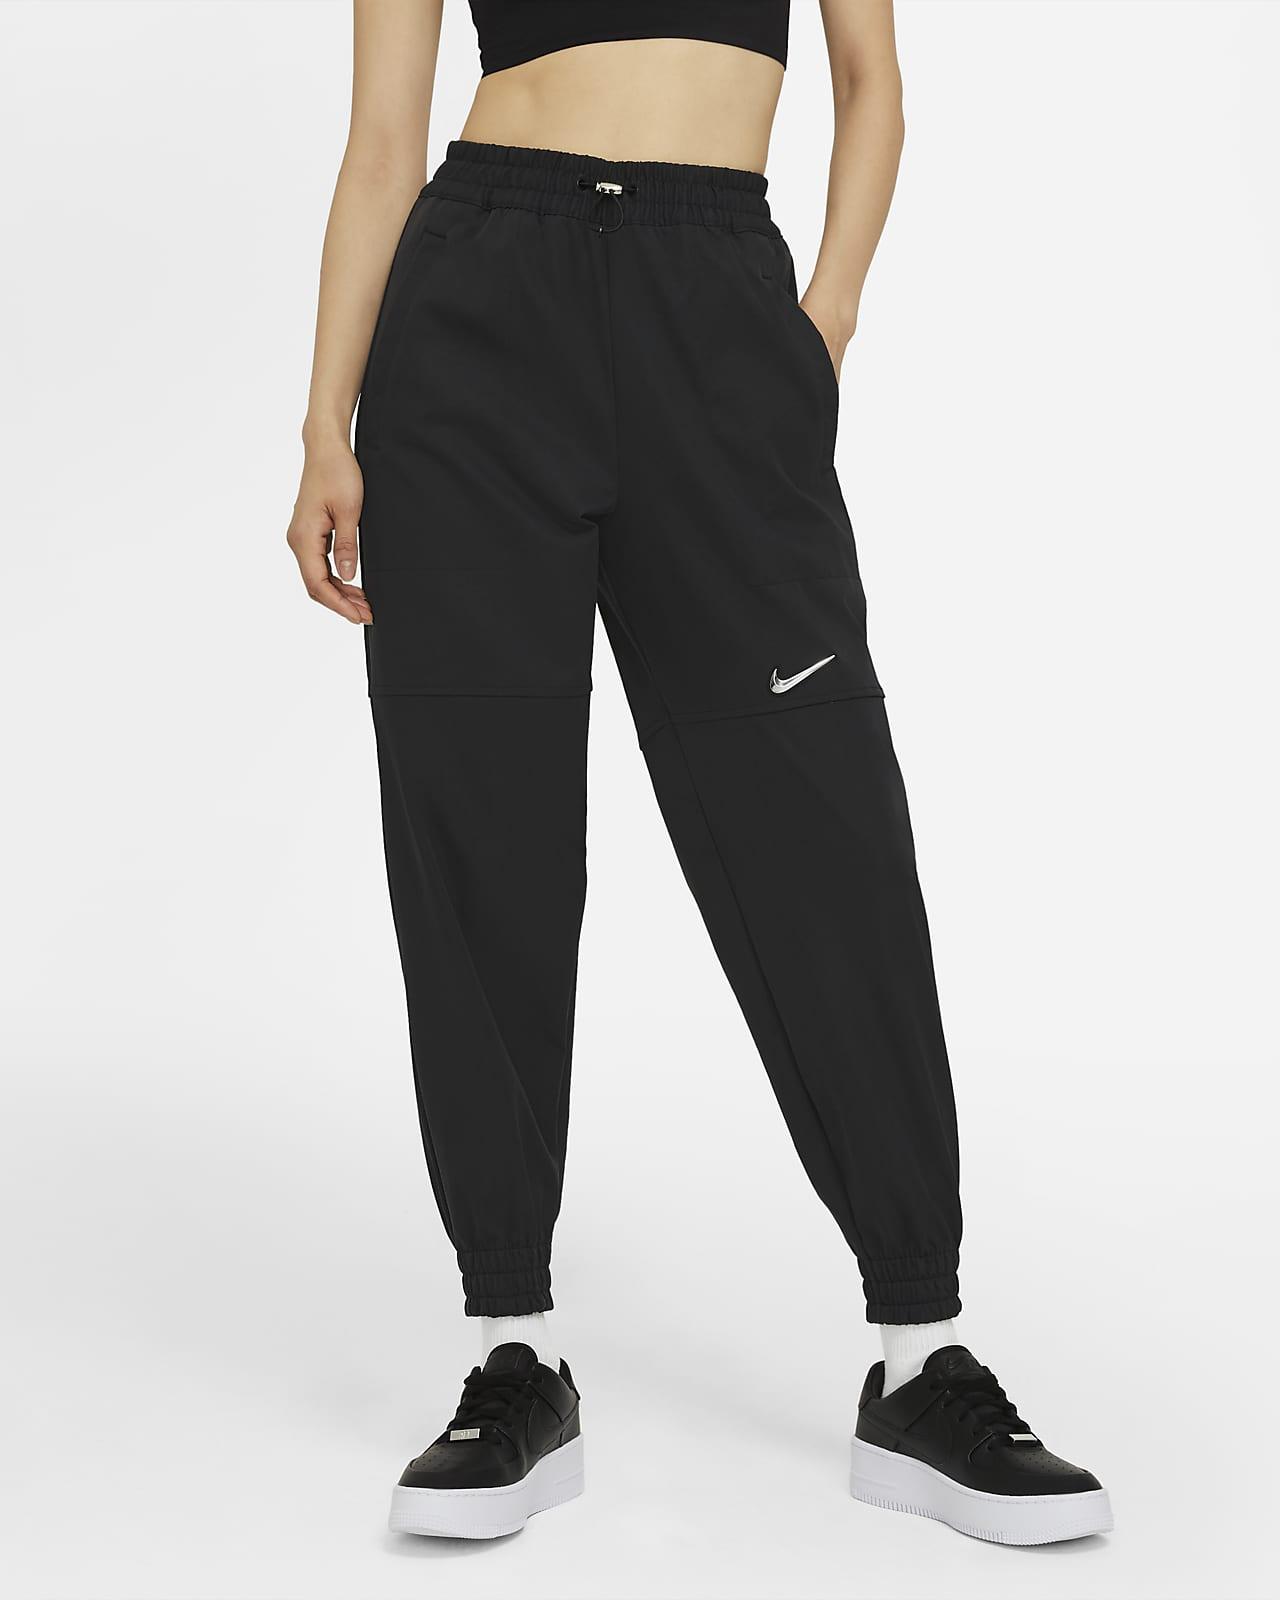 Nike Sportswear Swoosh Women's Woven Pants